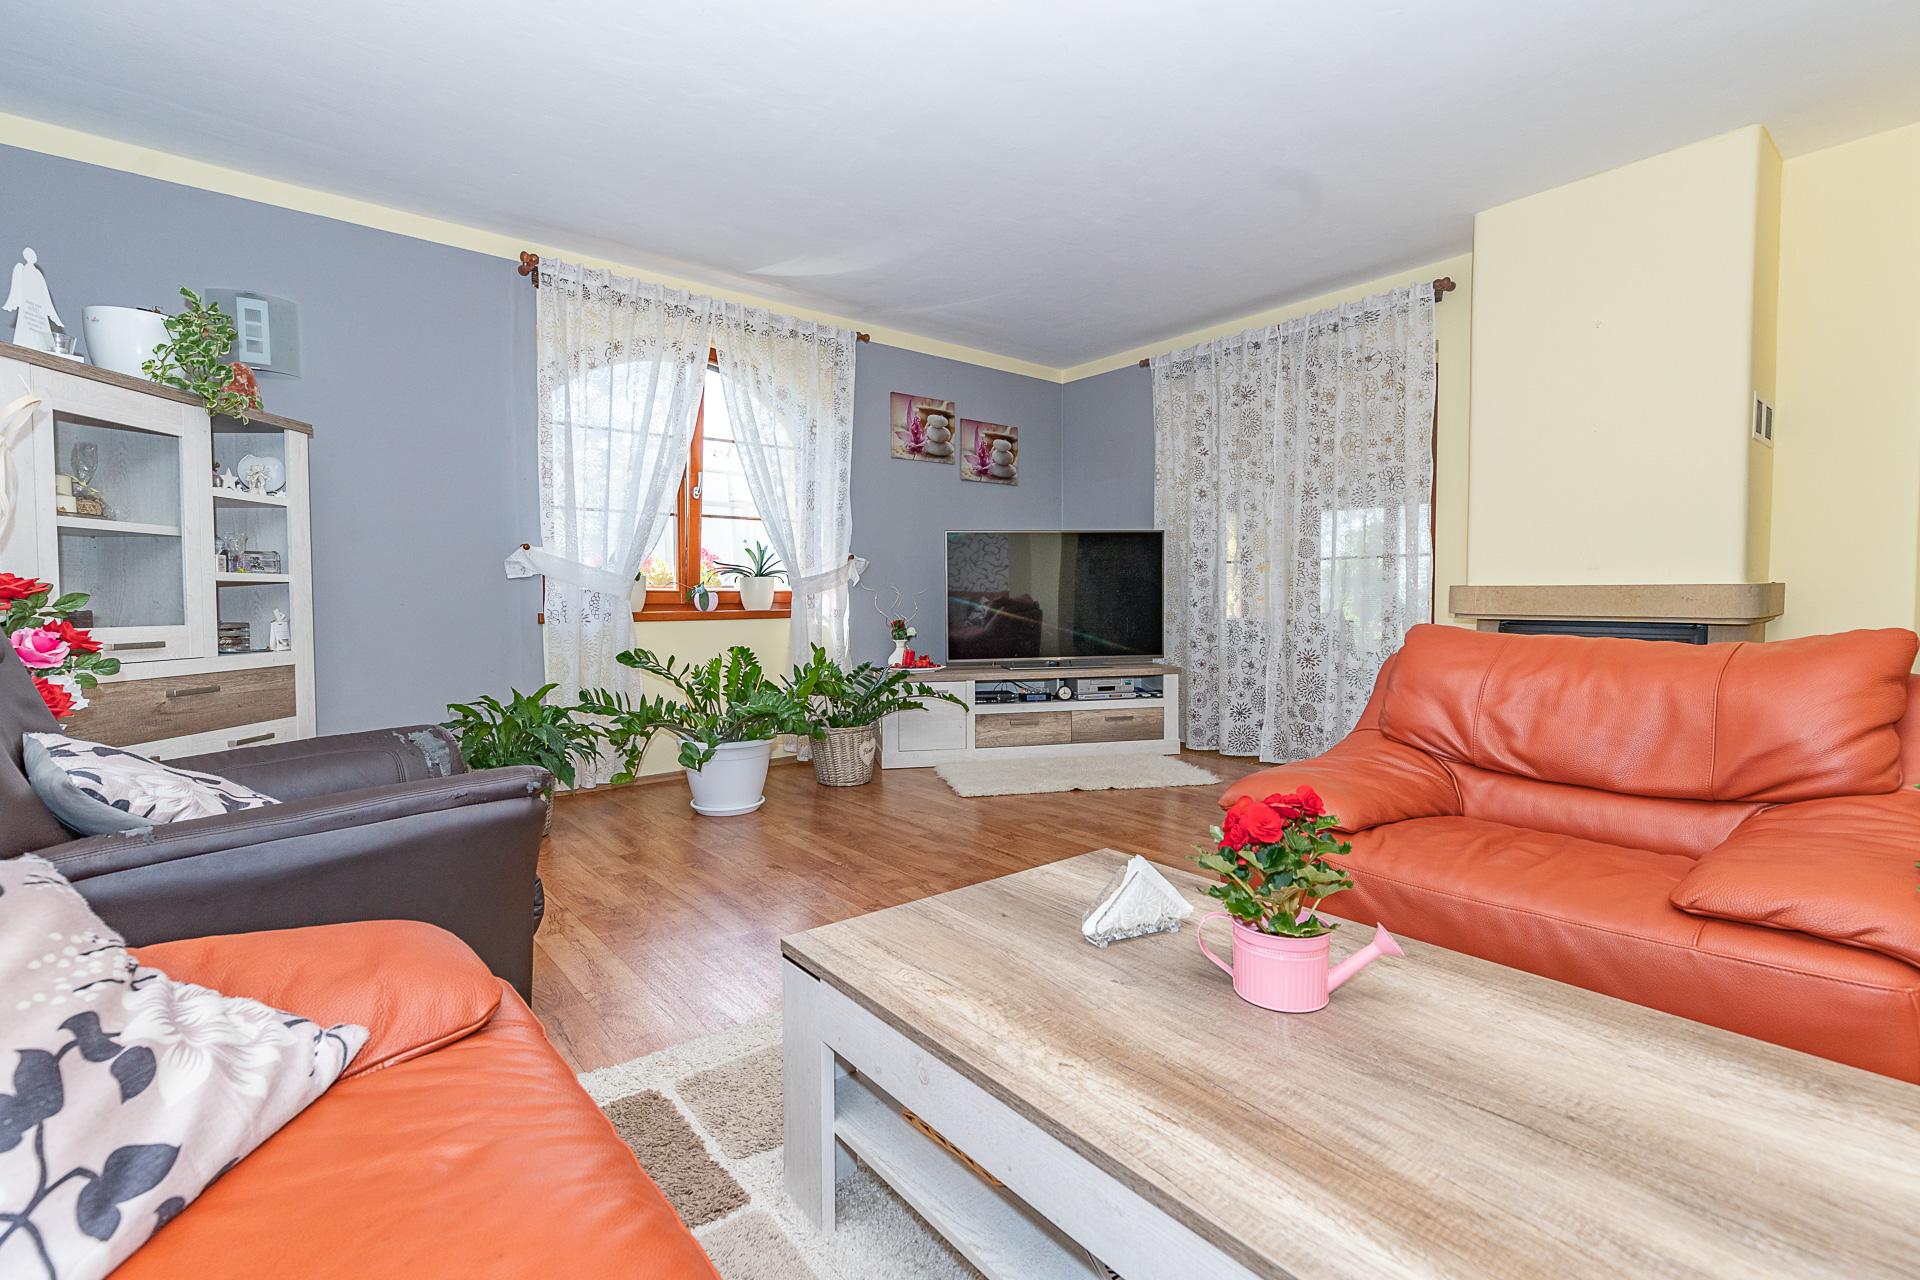 obývací pokoj s TV, okny, gauči, konefernční stolek a květiny